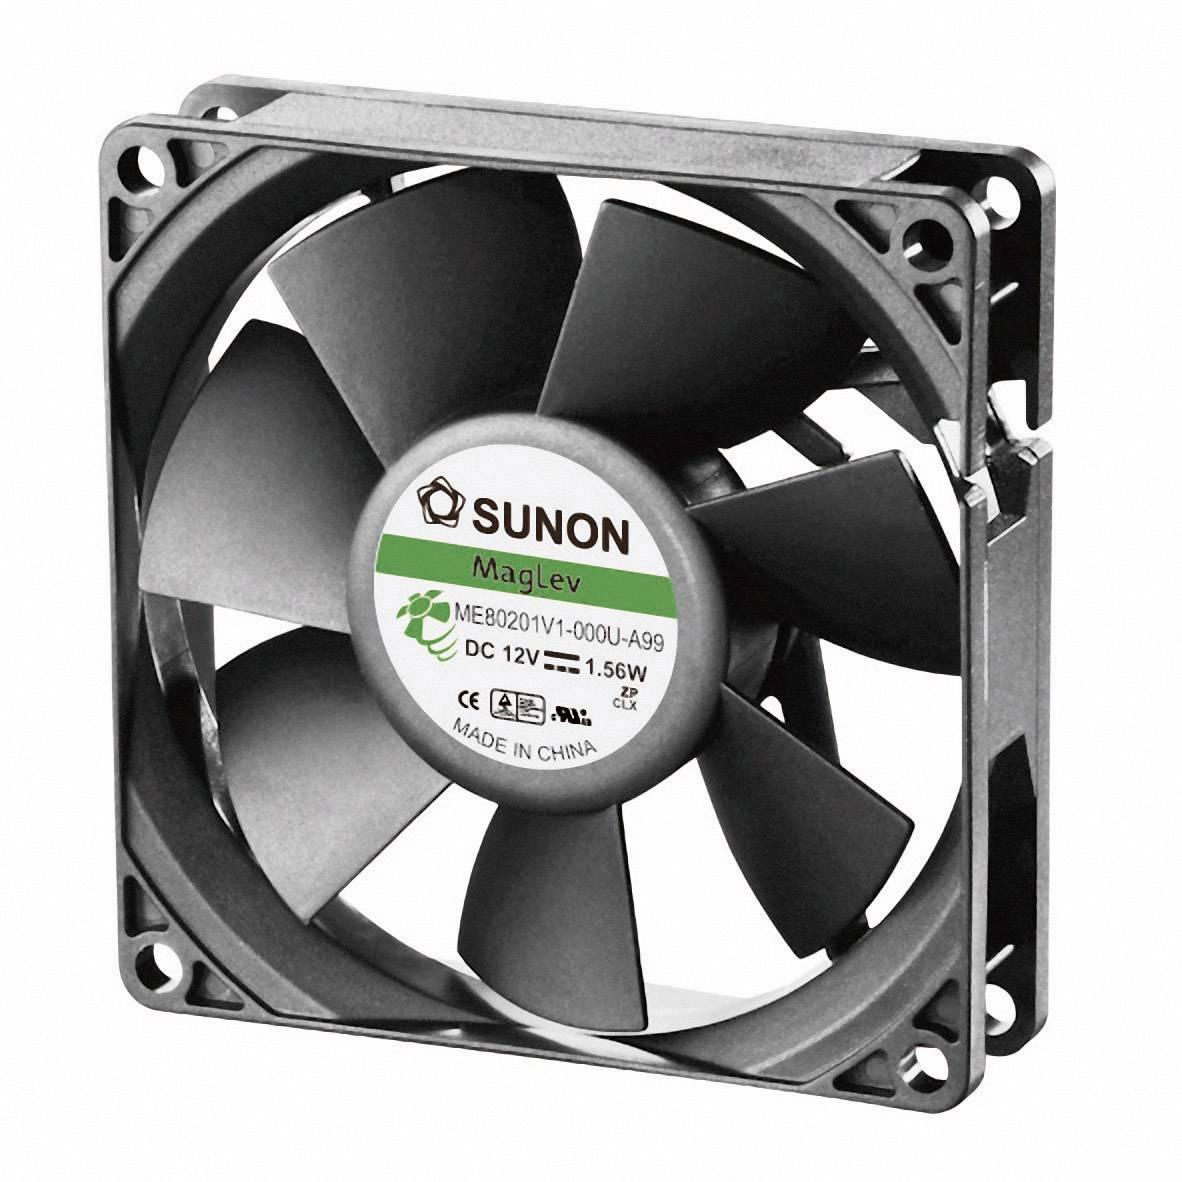 Axiálny ventilátor Sunon ME80201V1-000U-A99 ME80201V1-000U-A99, 12 V/DC, 38 dB, (d x š x v) 80 x 80 x 20 mm